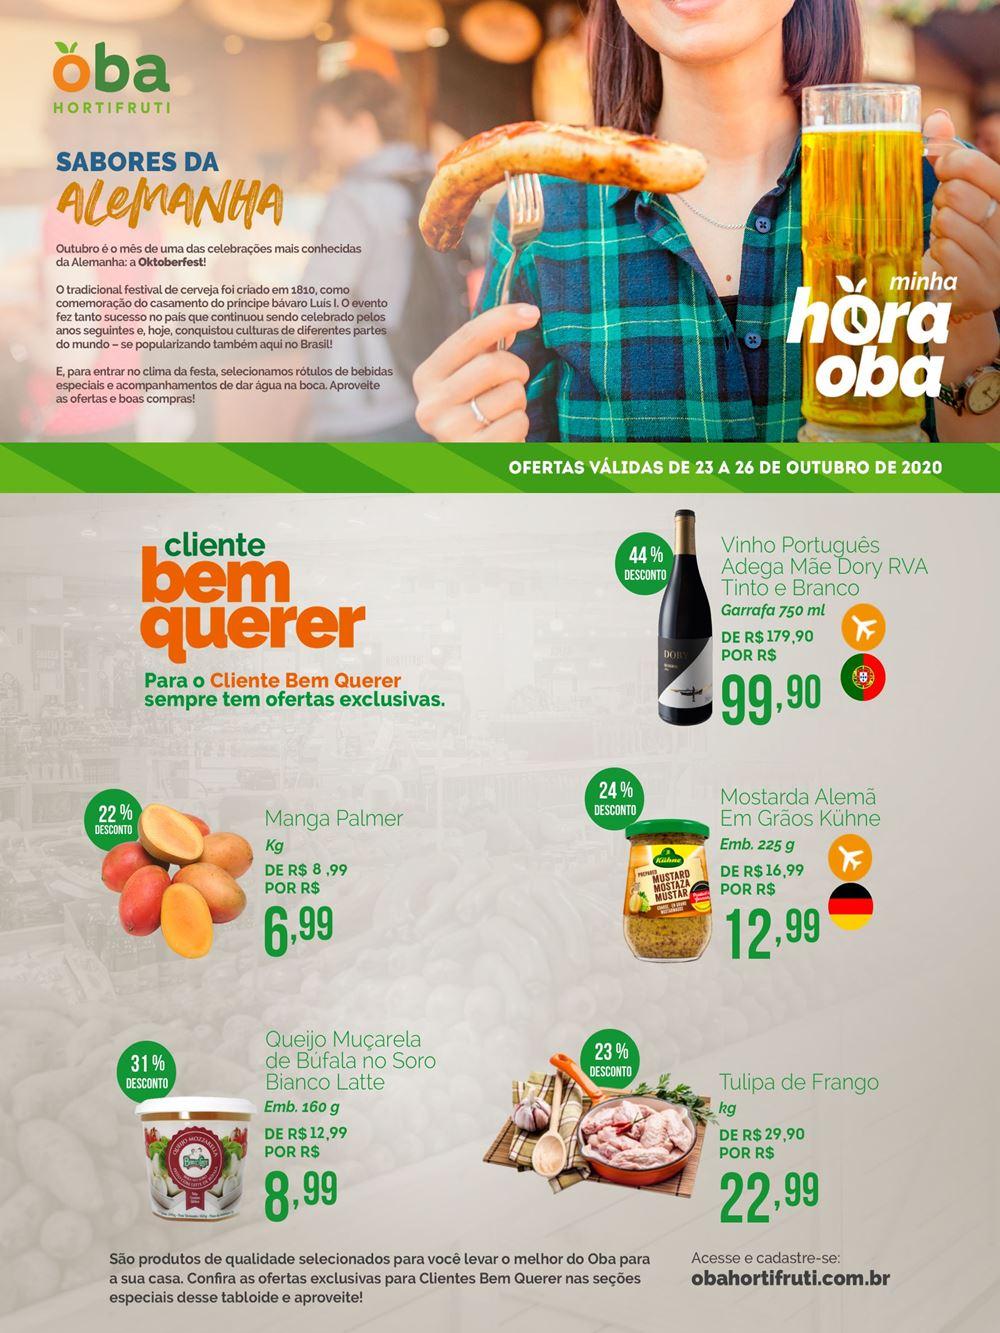 oba-ofertas-descontos-hoje1-13 Ofertas de supermercados - Economize